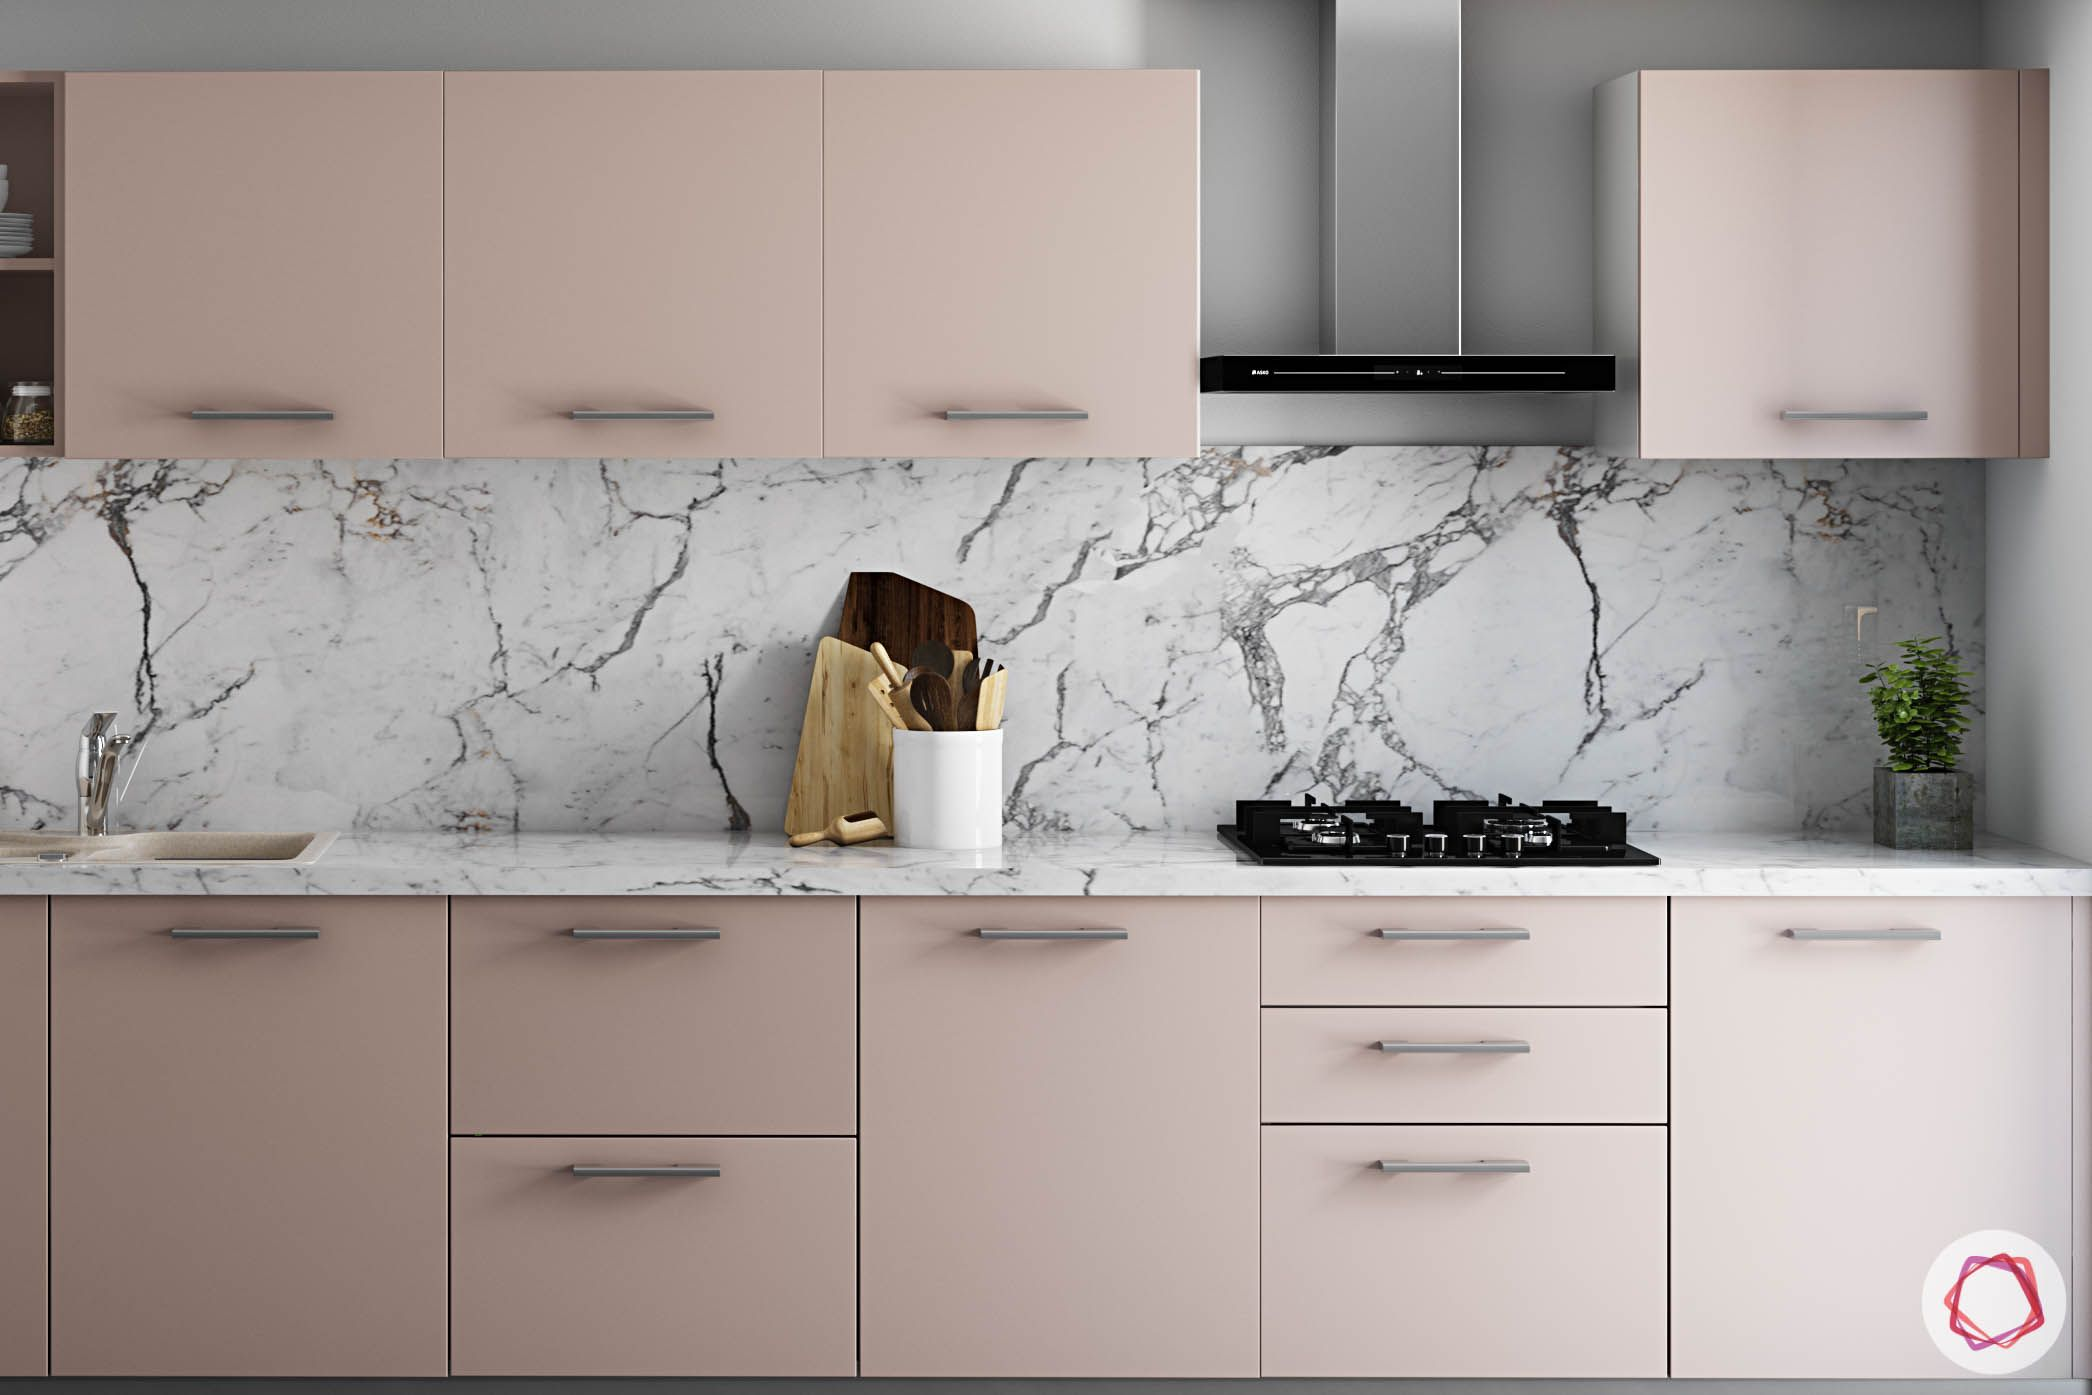 wall-tiles-design-laminam-backsplash-pink-overhead-base-cabinets